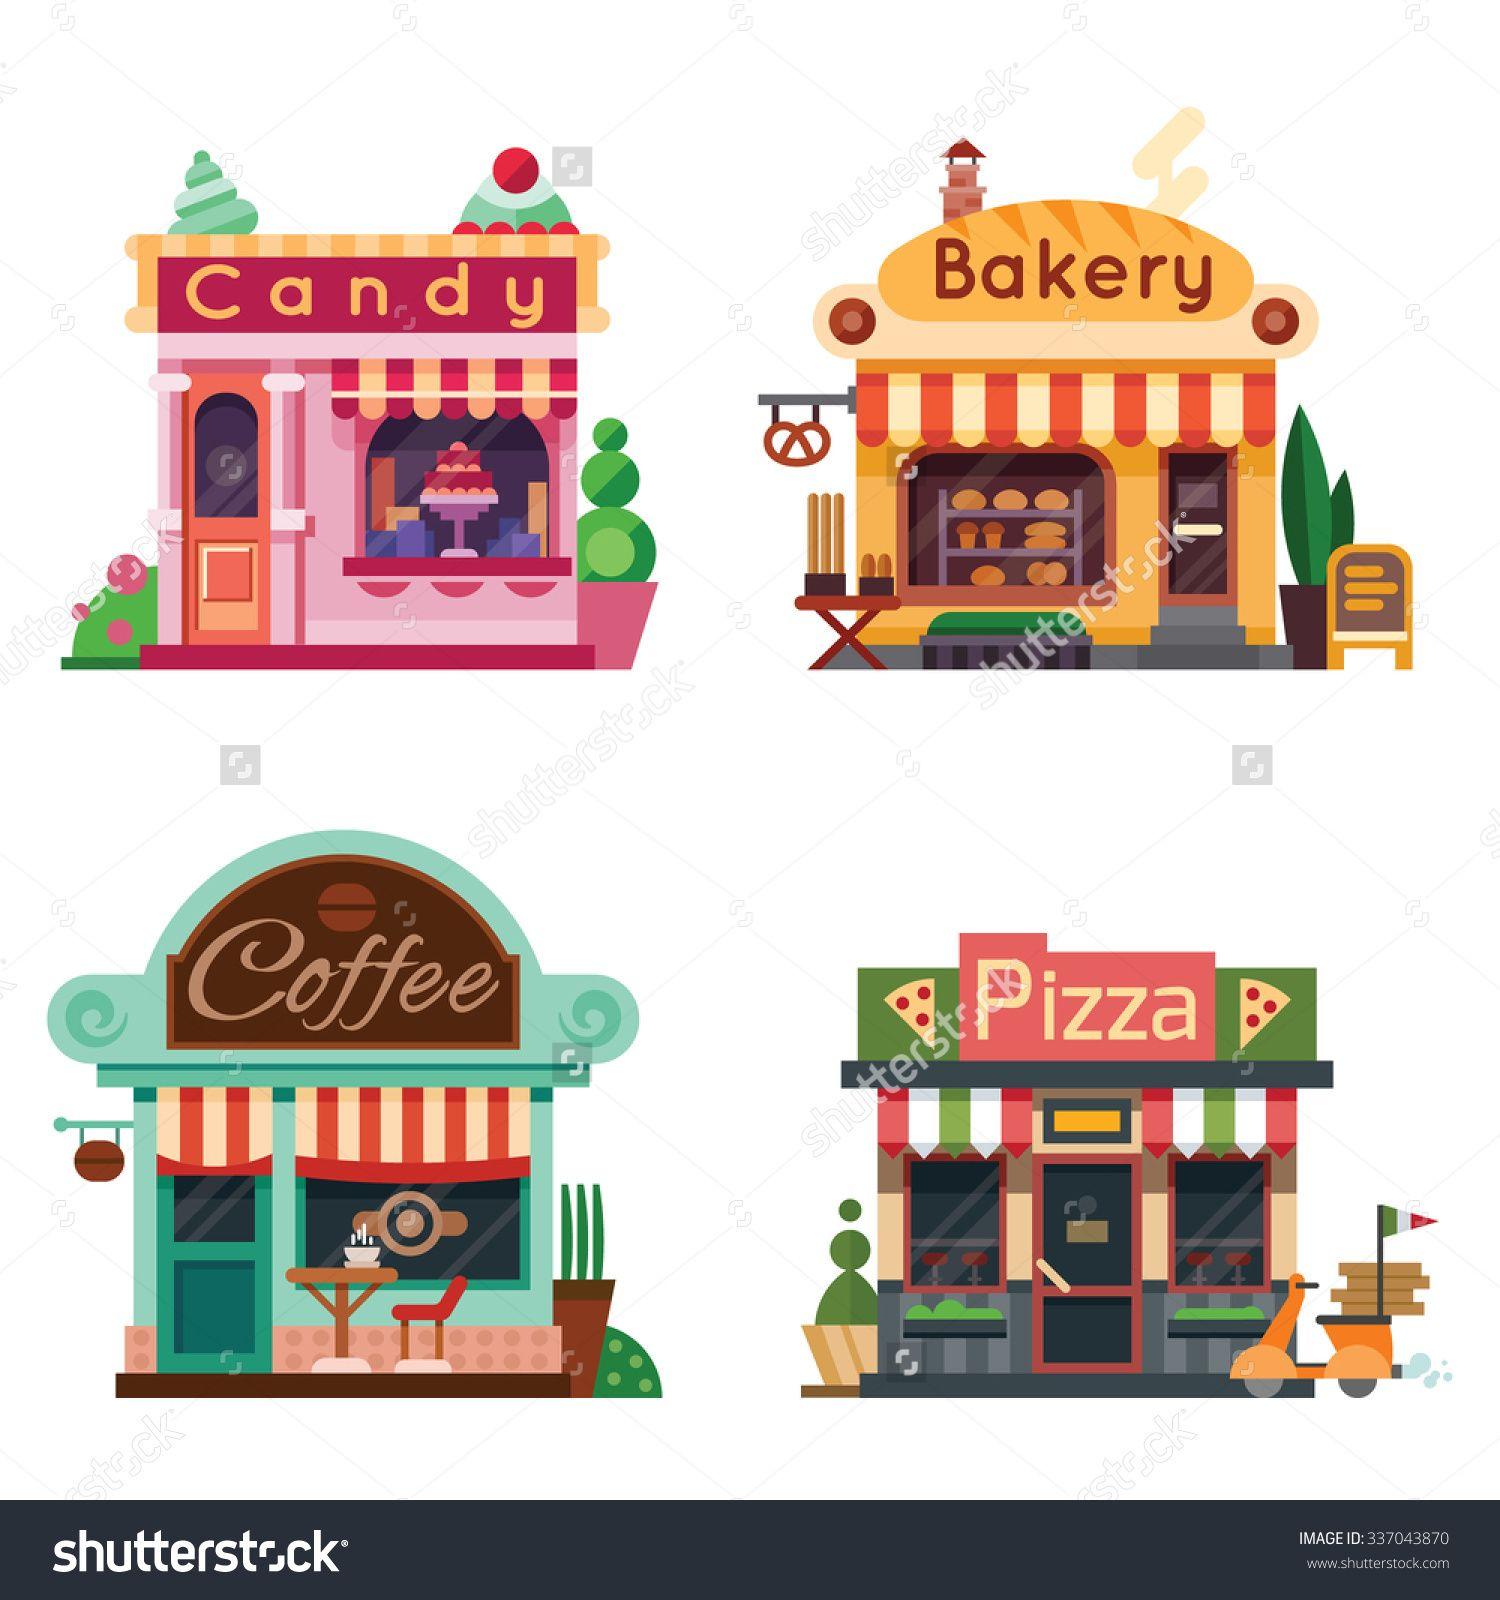 Cafe clipart storefront. Set of nice shops